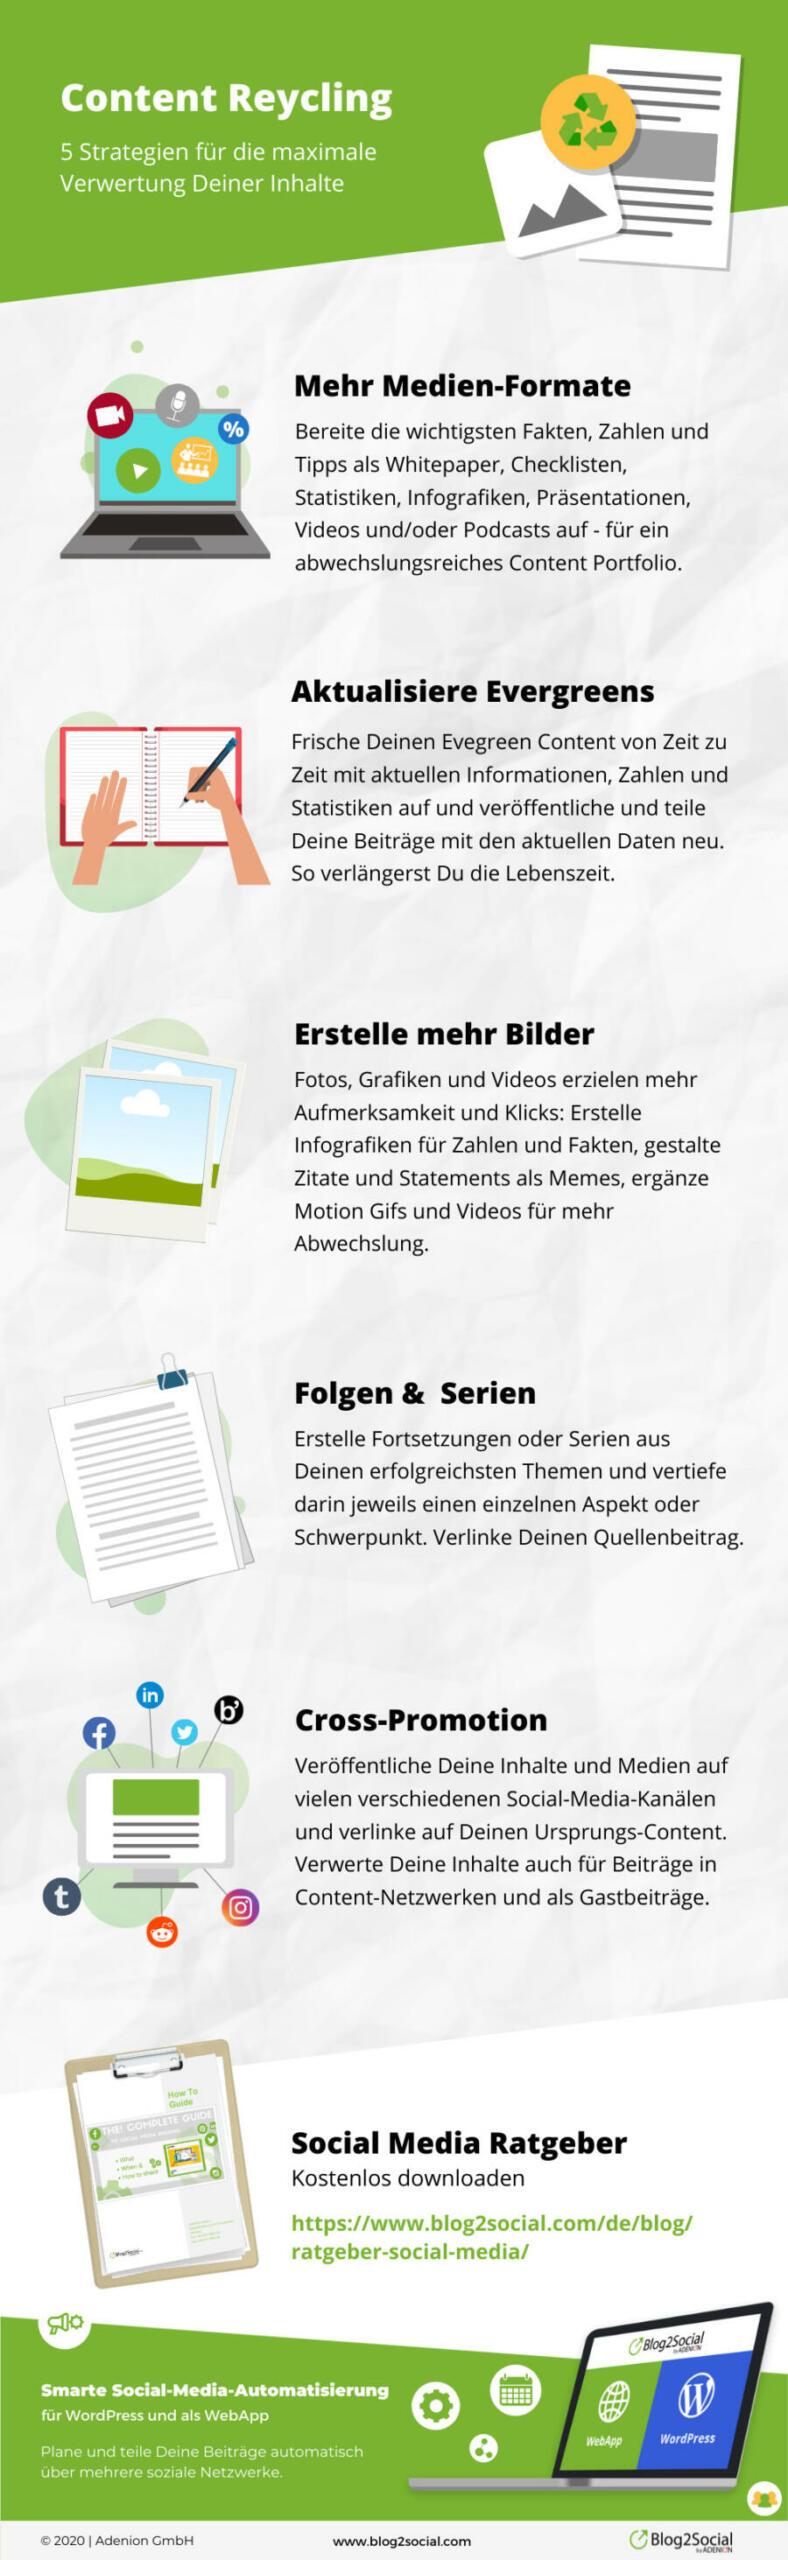 Strategien zum Content Recycling